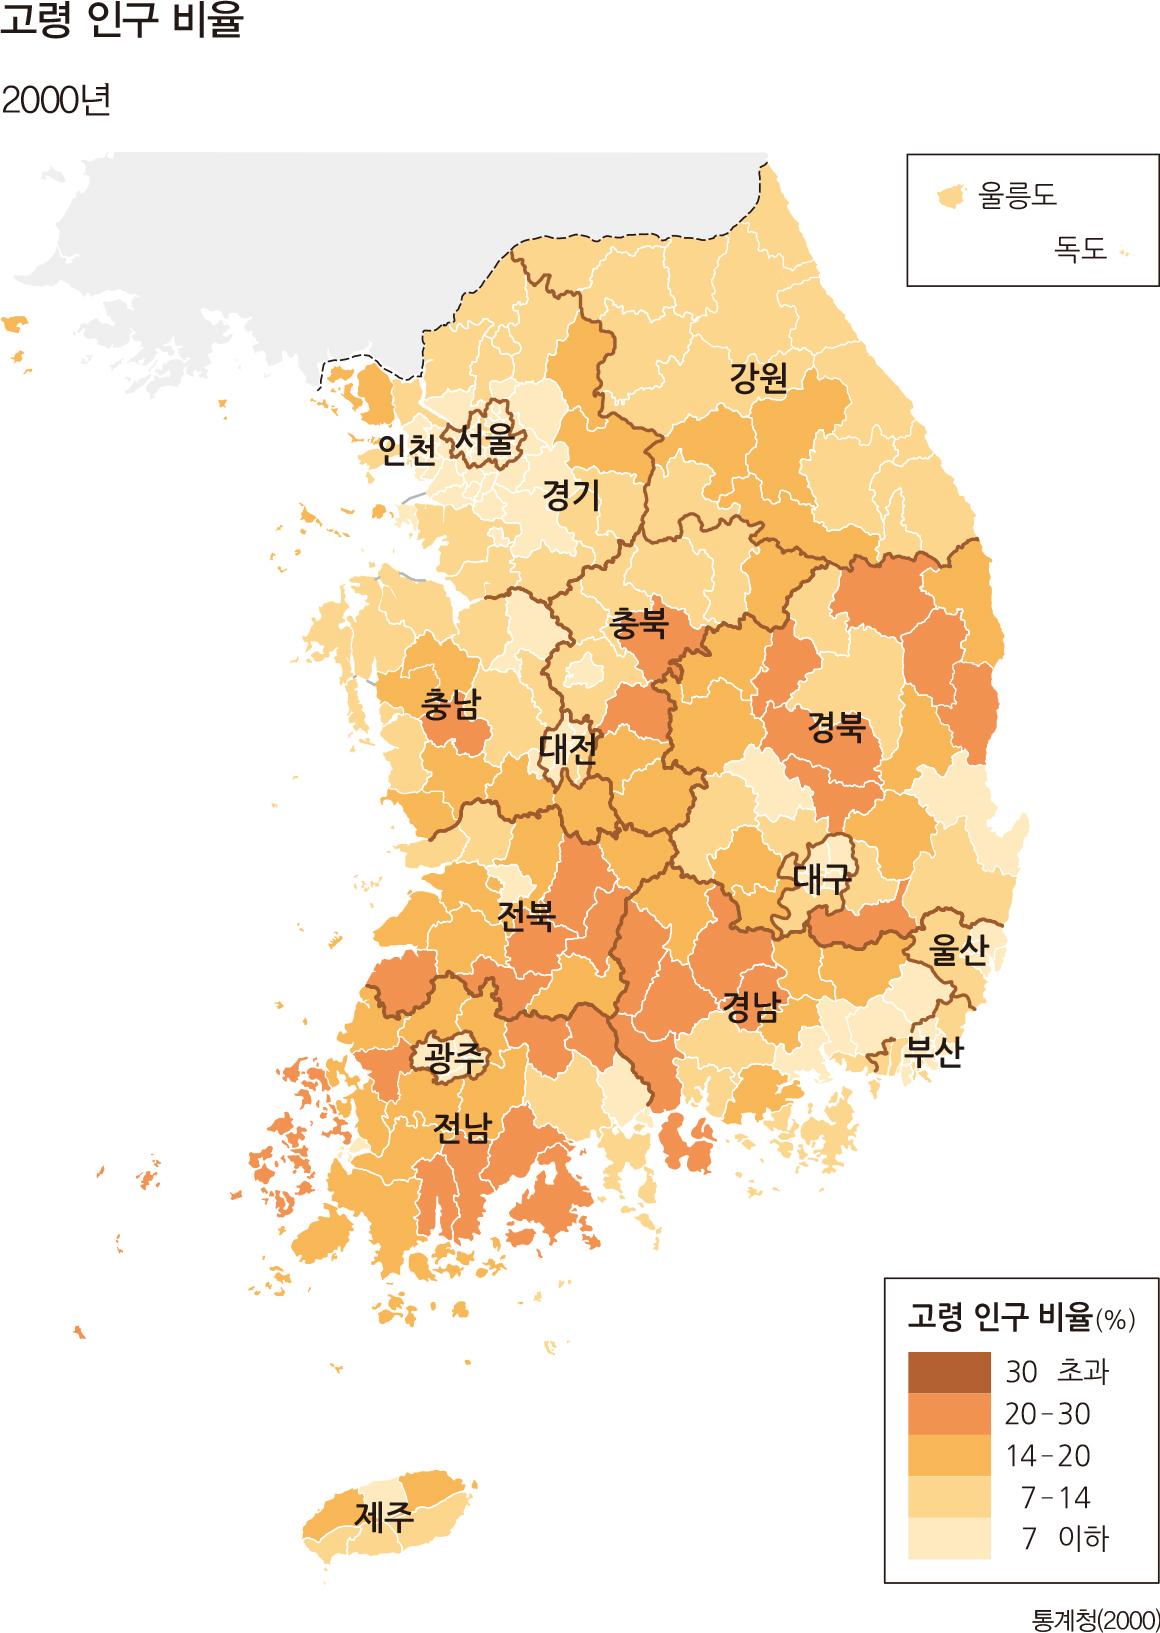 고령 인구 비율 2000년